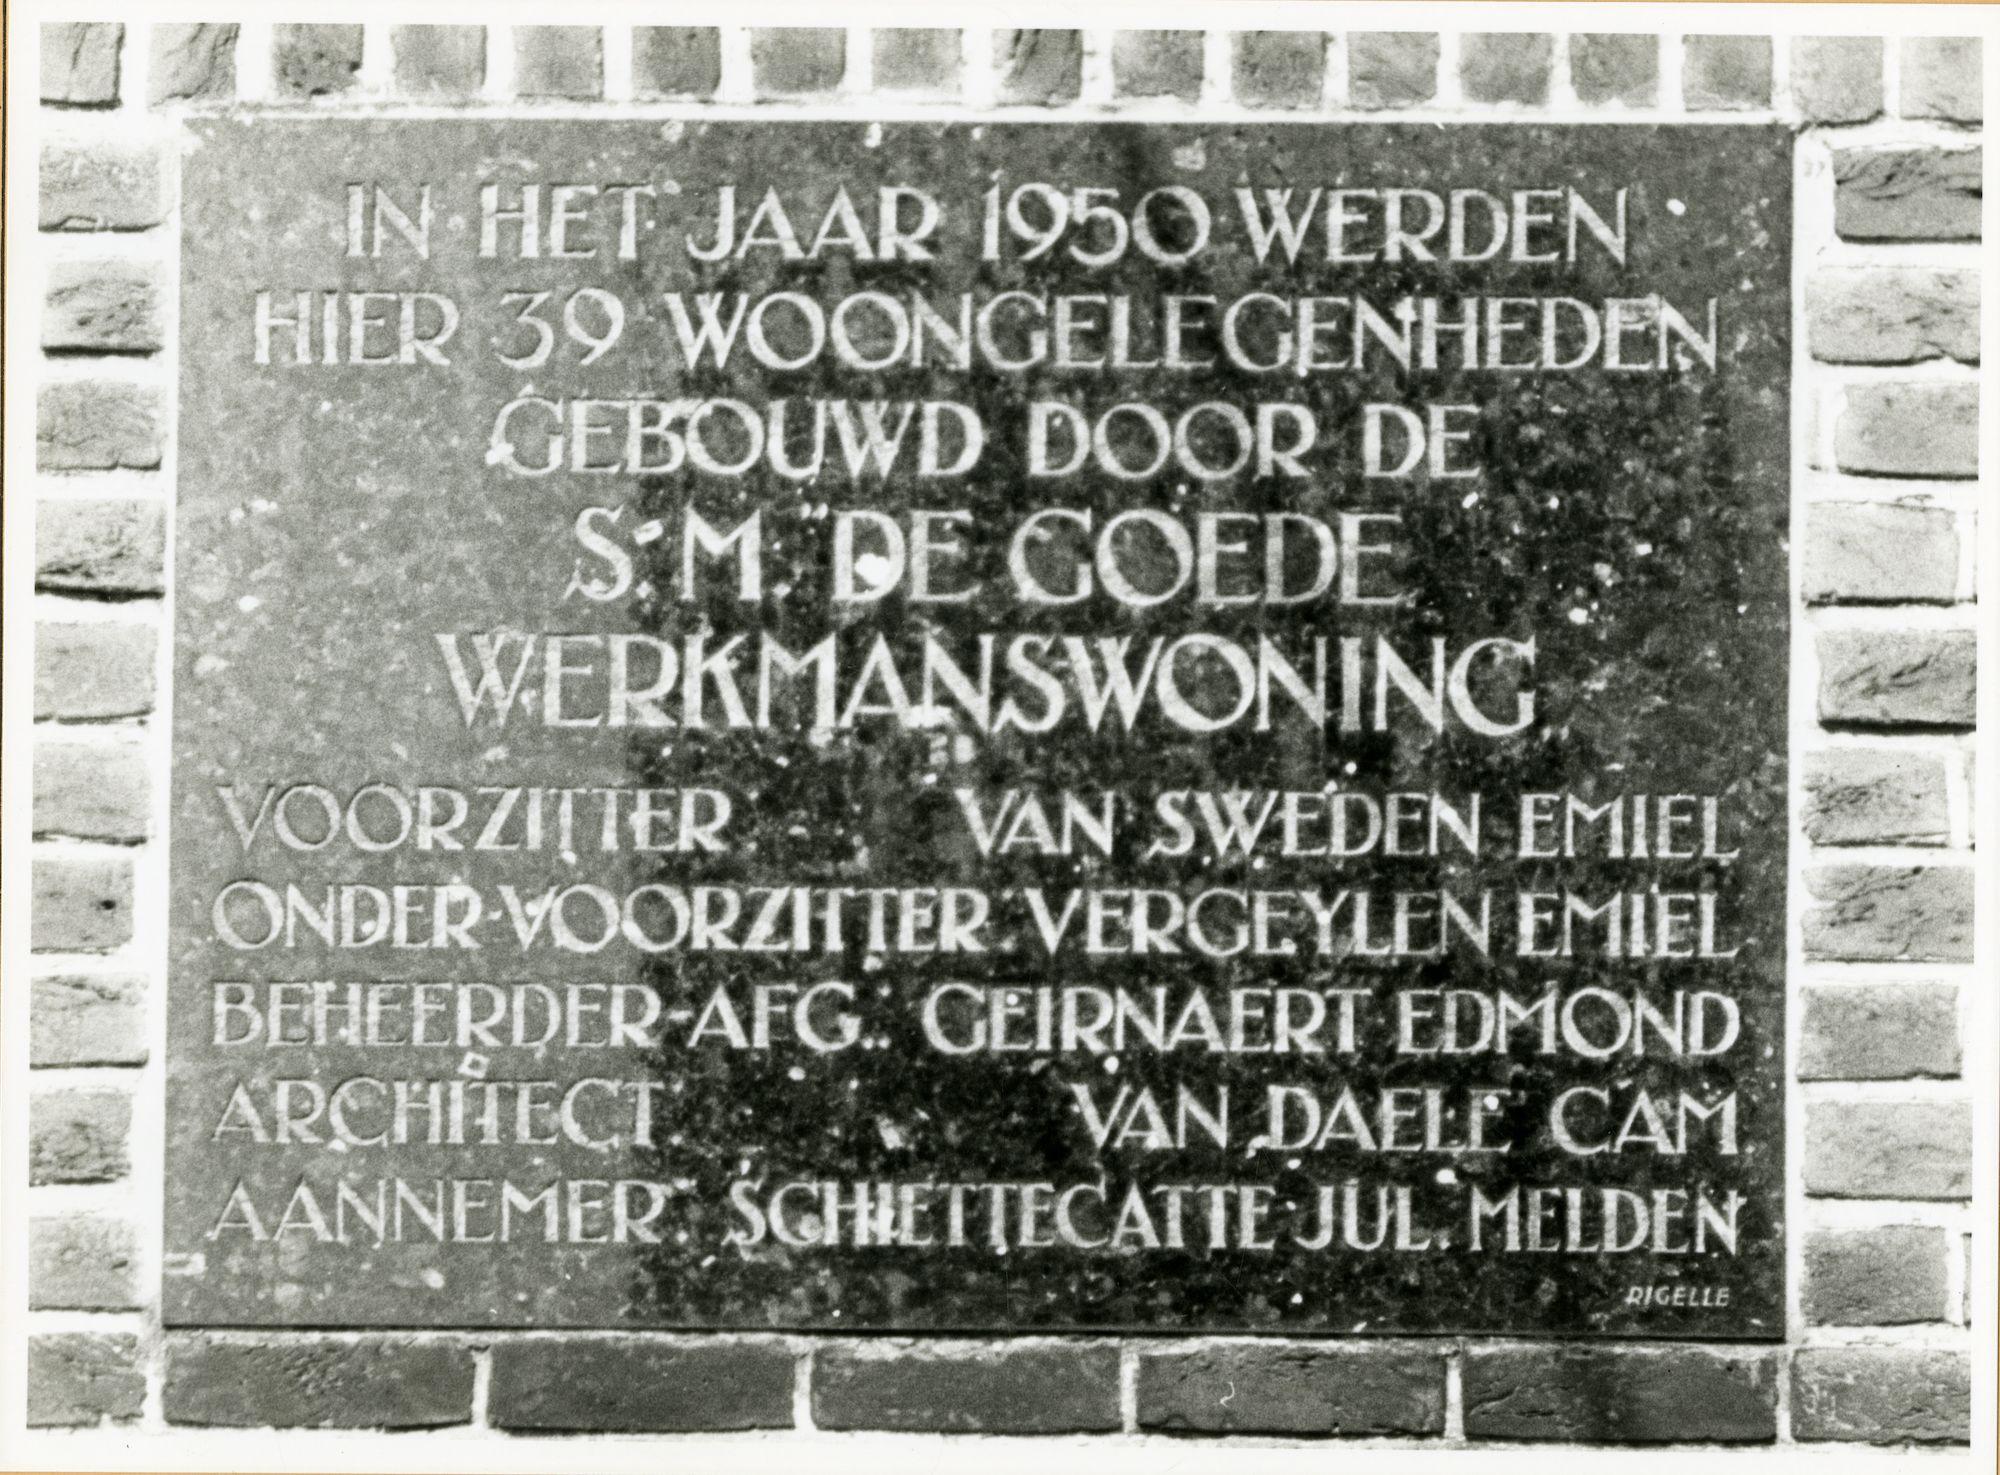 Gent: Gilles de Sutterstraat: gedenkplaat: S.M. De Goede Werkmanswoning, 1979